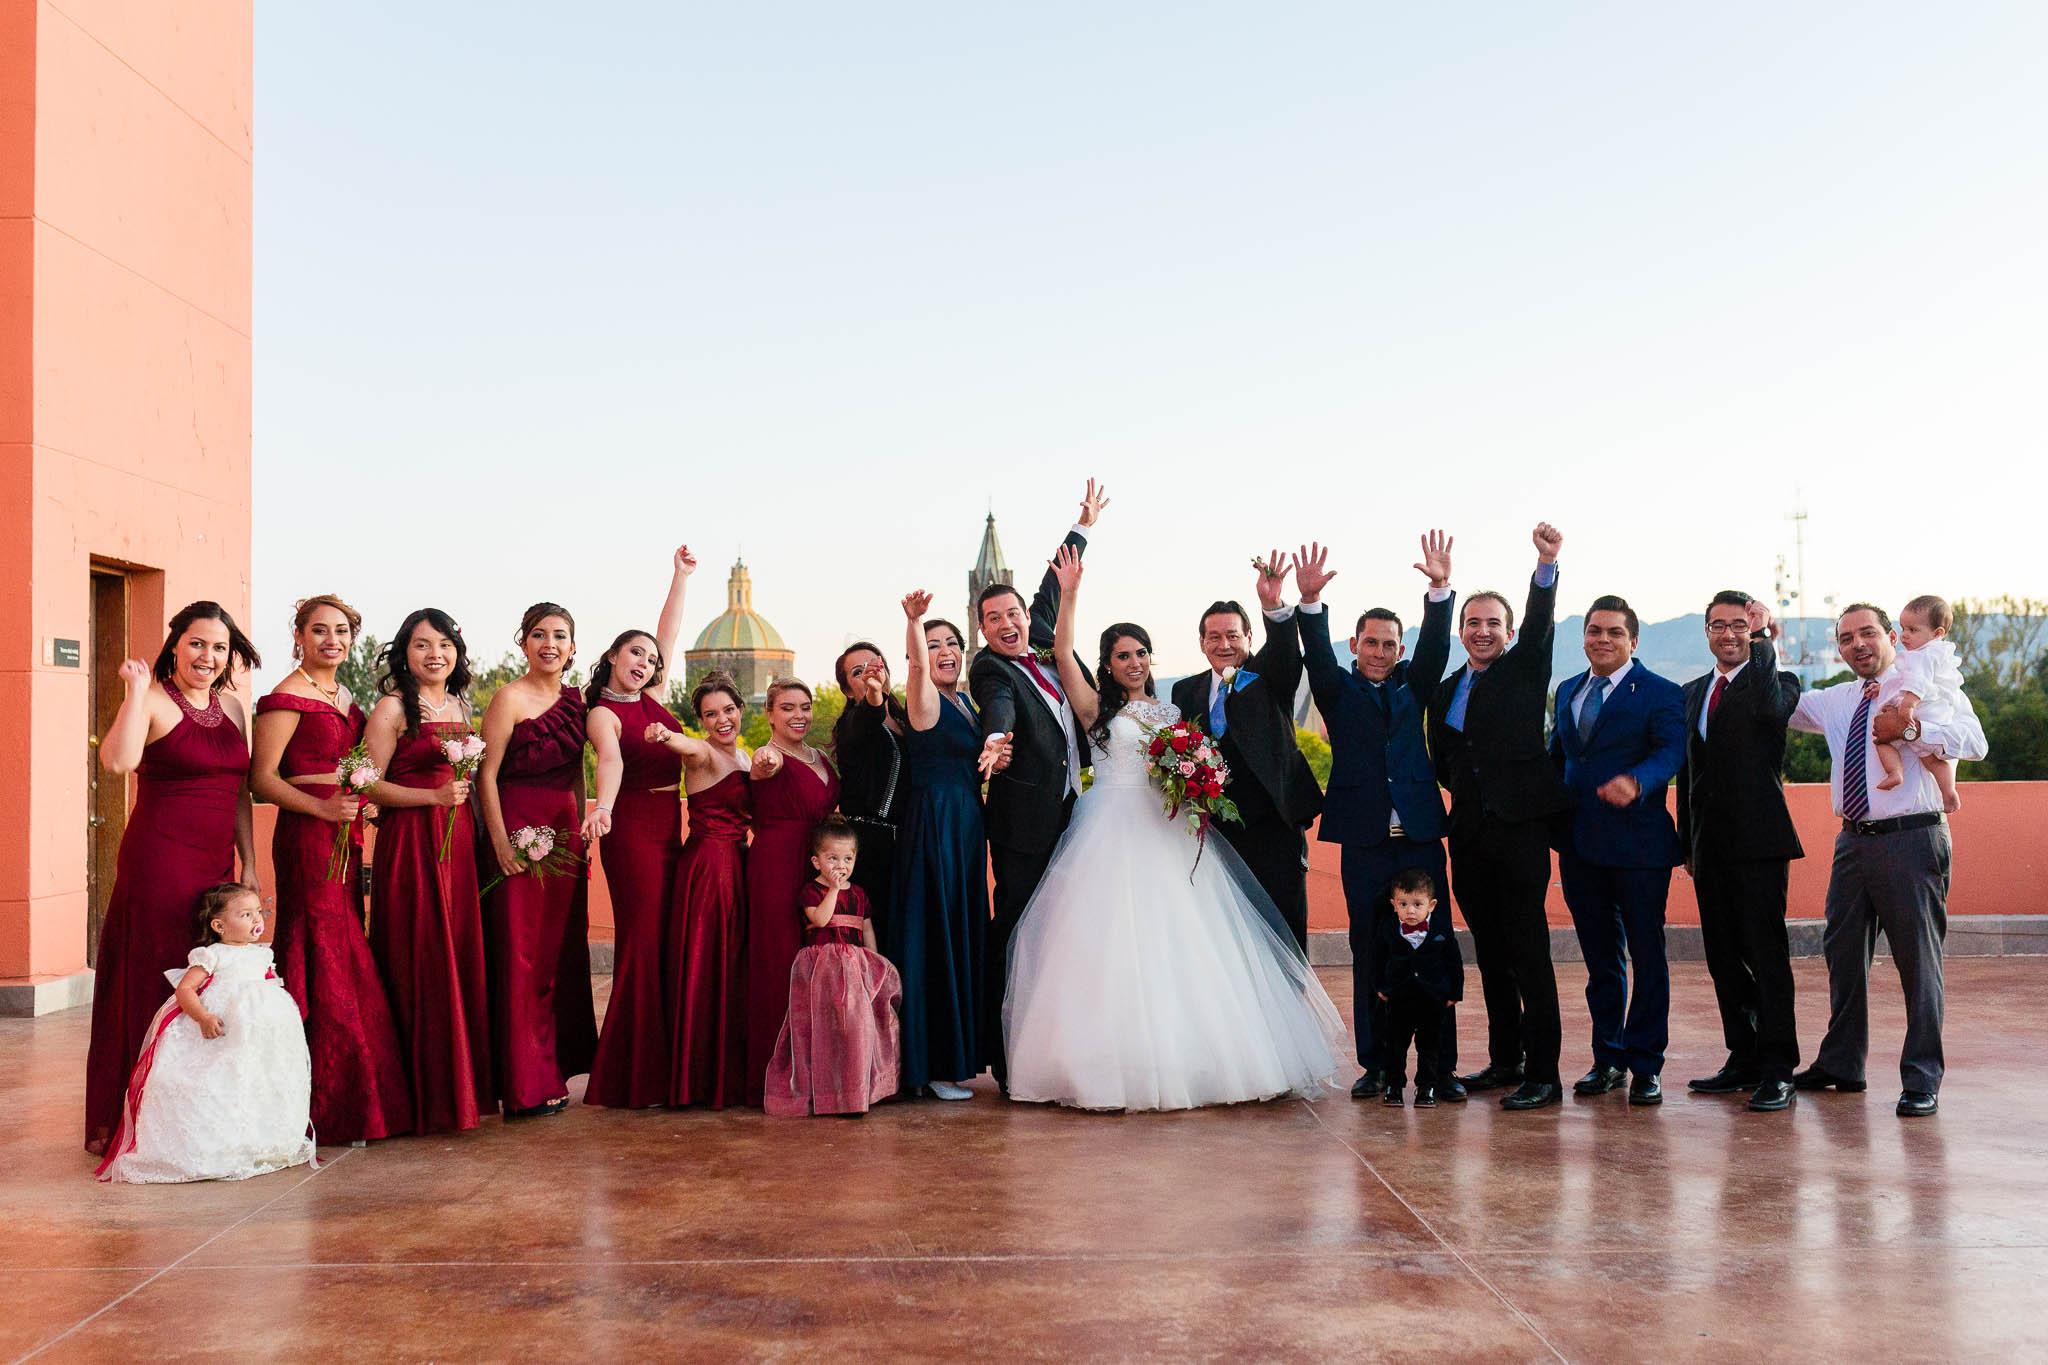 fotografo de bodas san luis potosi boda mexico wedding destination fotos de boda 156